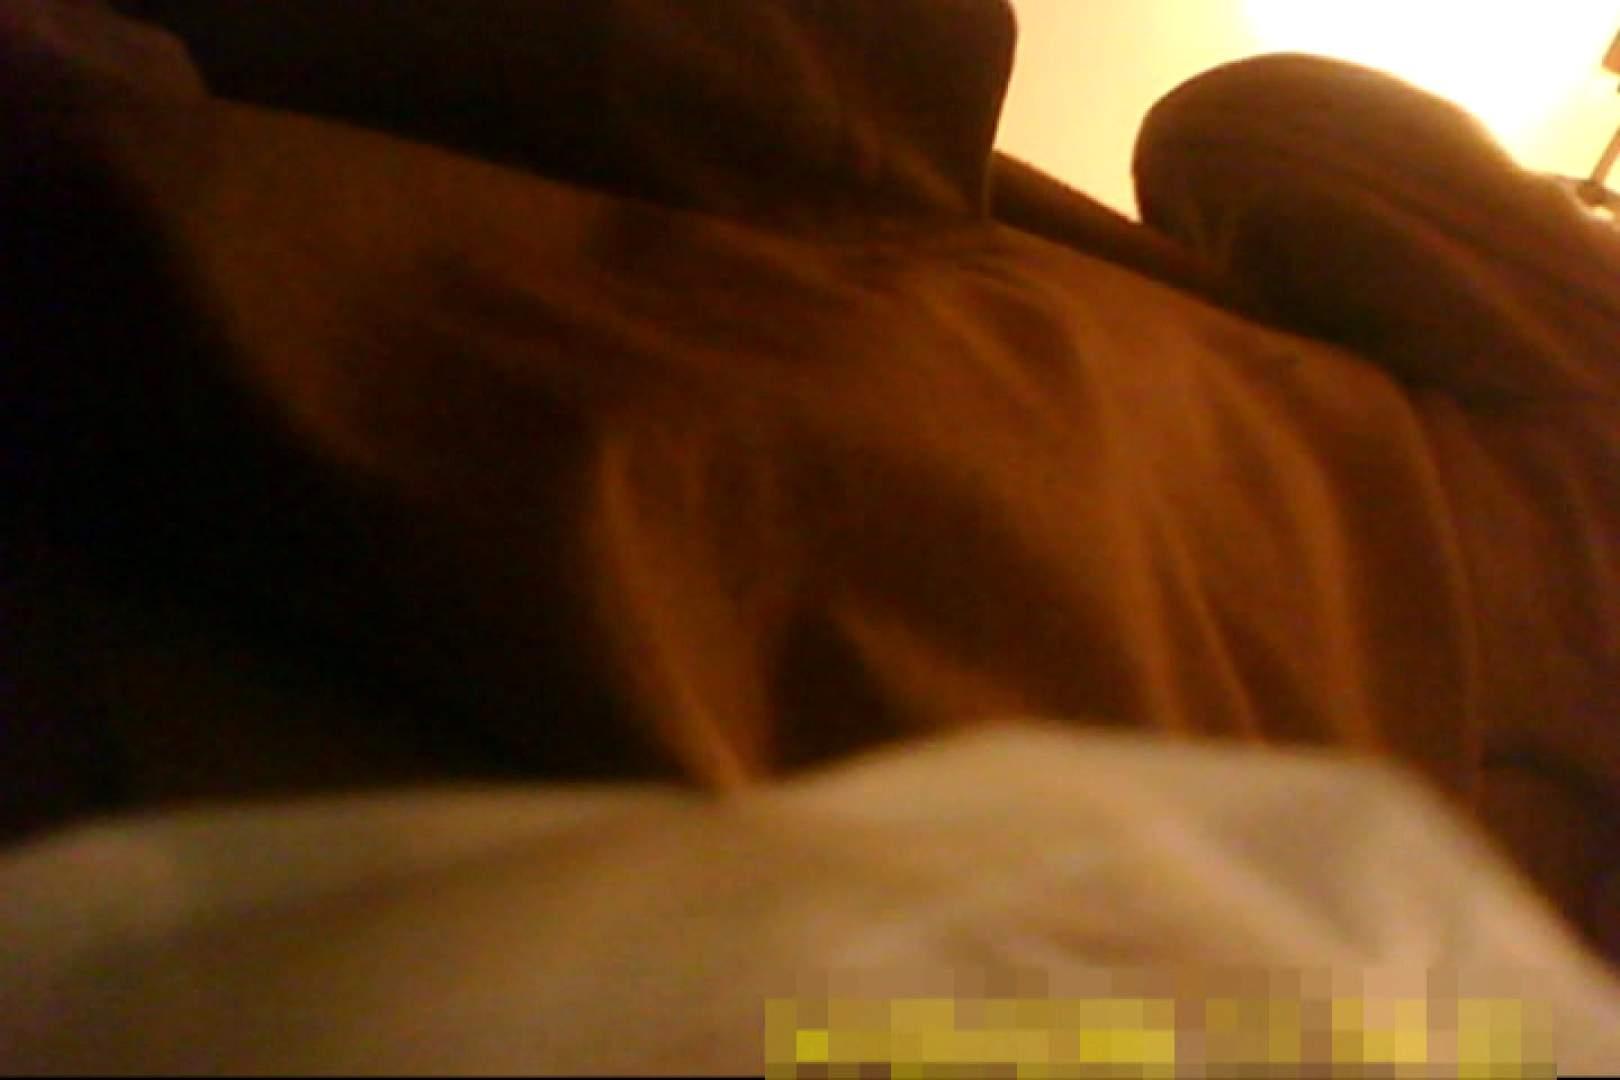 魅惑の化粧室~禁断のプライベート空間~vol.8 OL  111pic 87